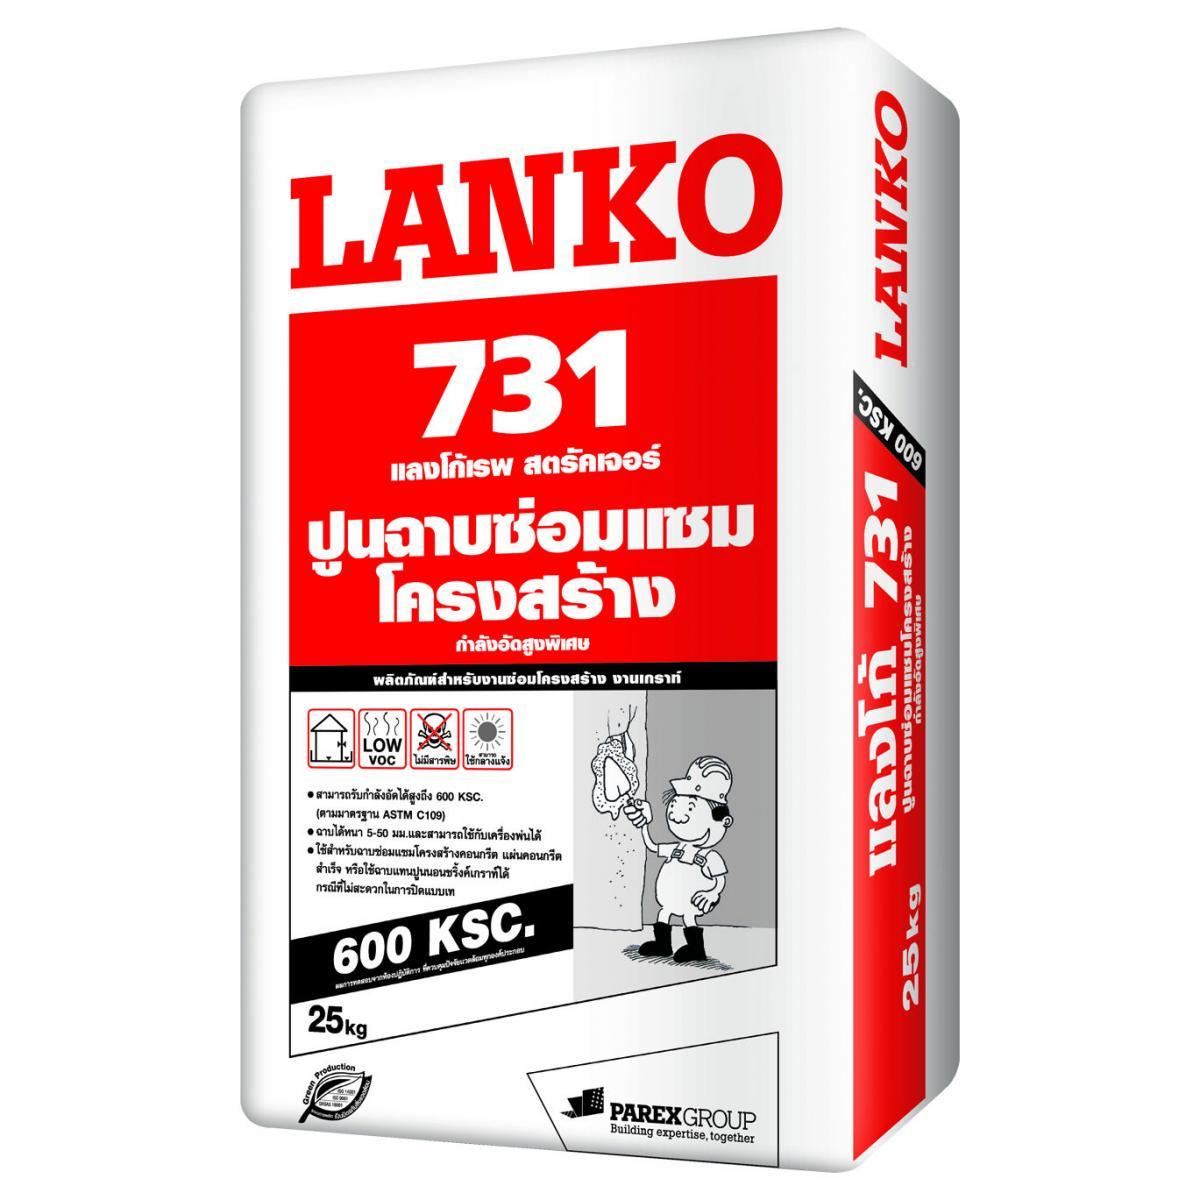 LANKO 731